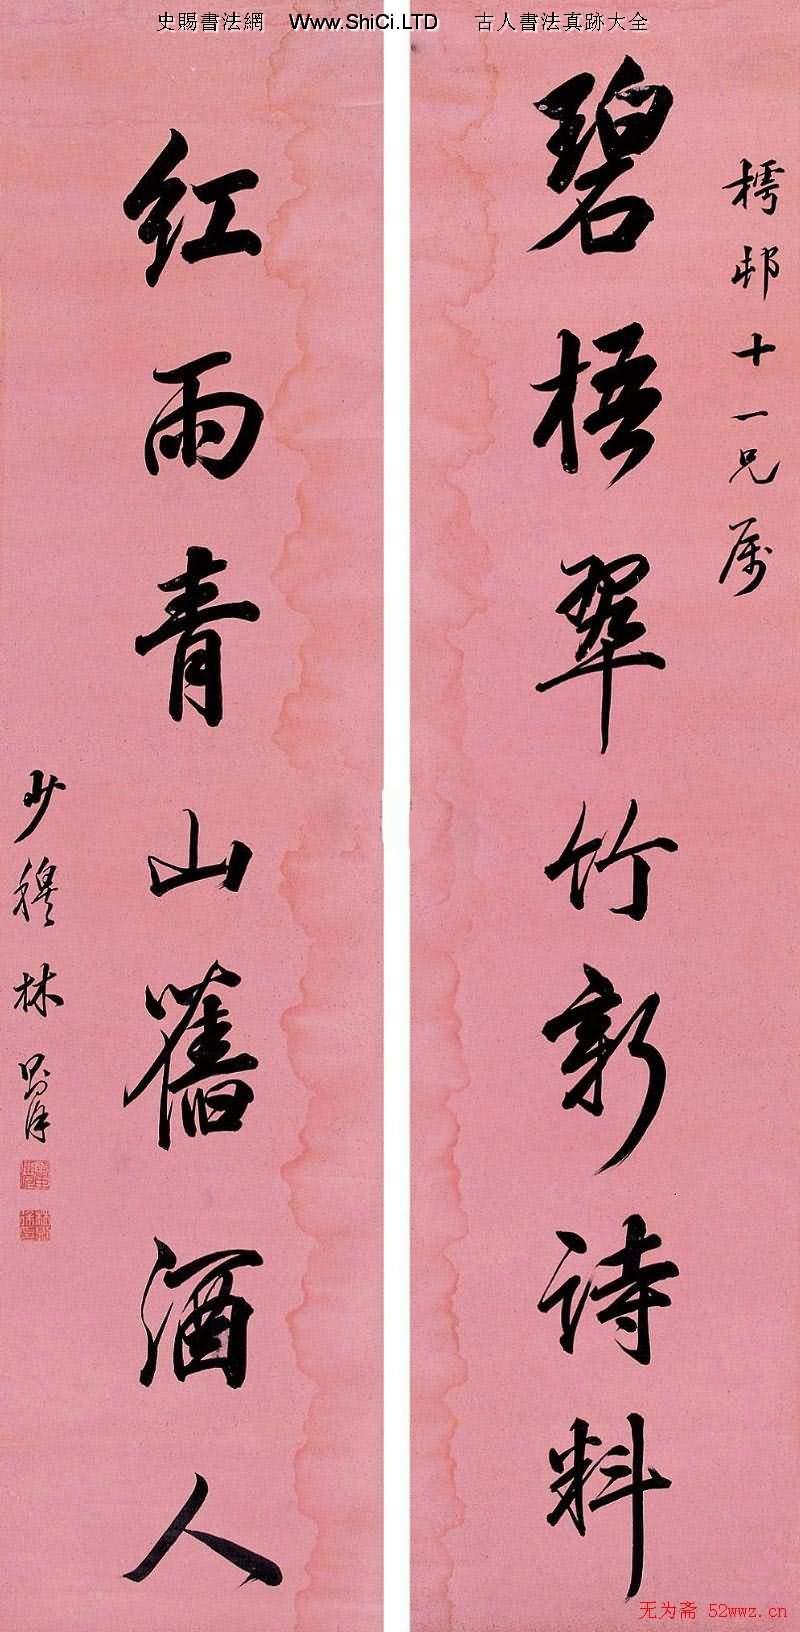 林則徐書法作品真跡欣賞(共2張圖片)